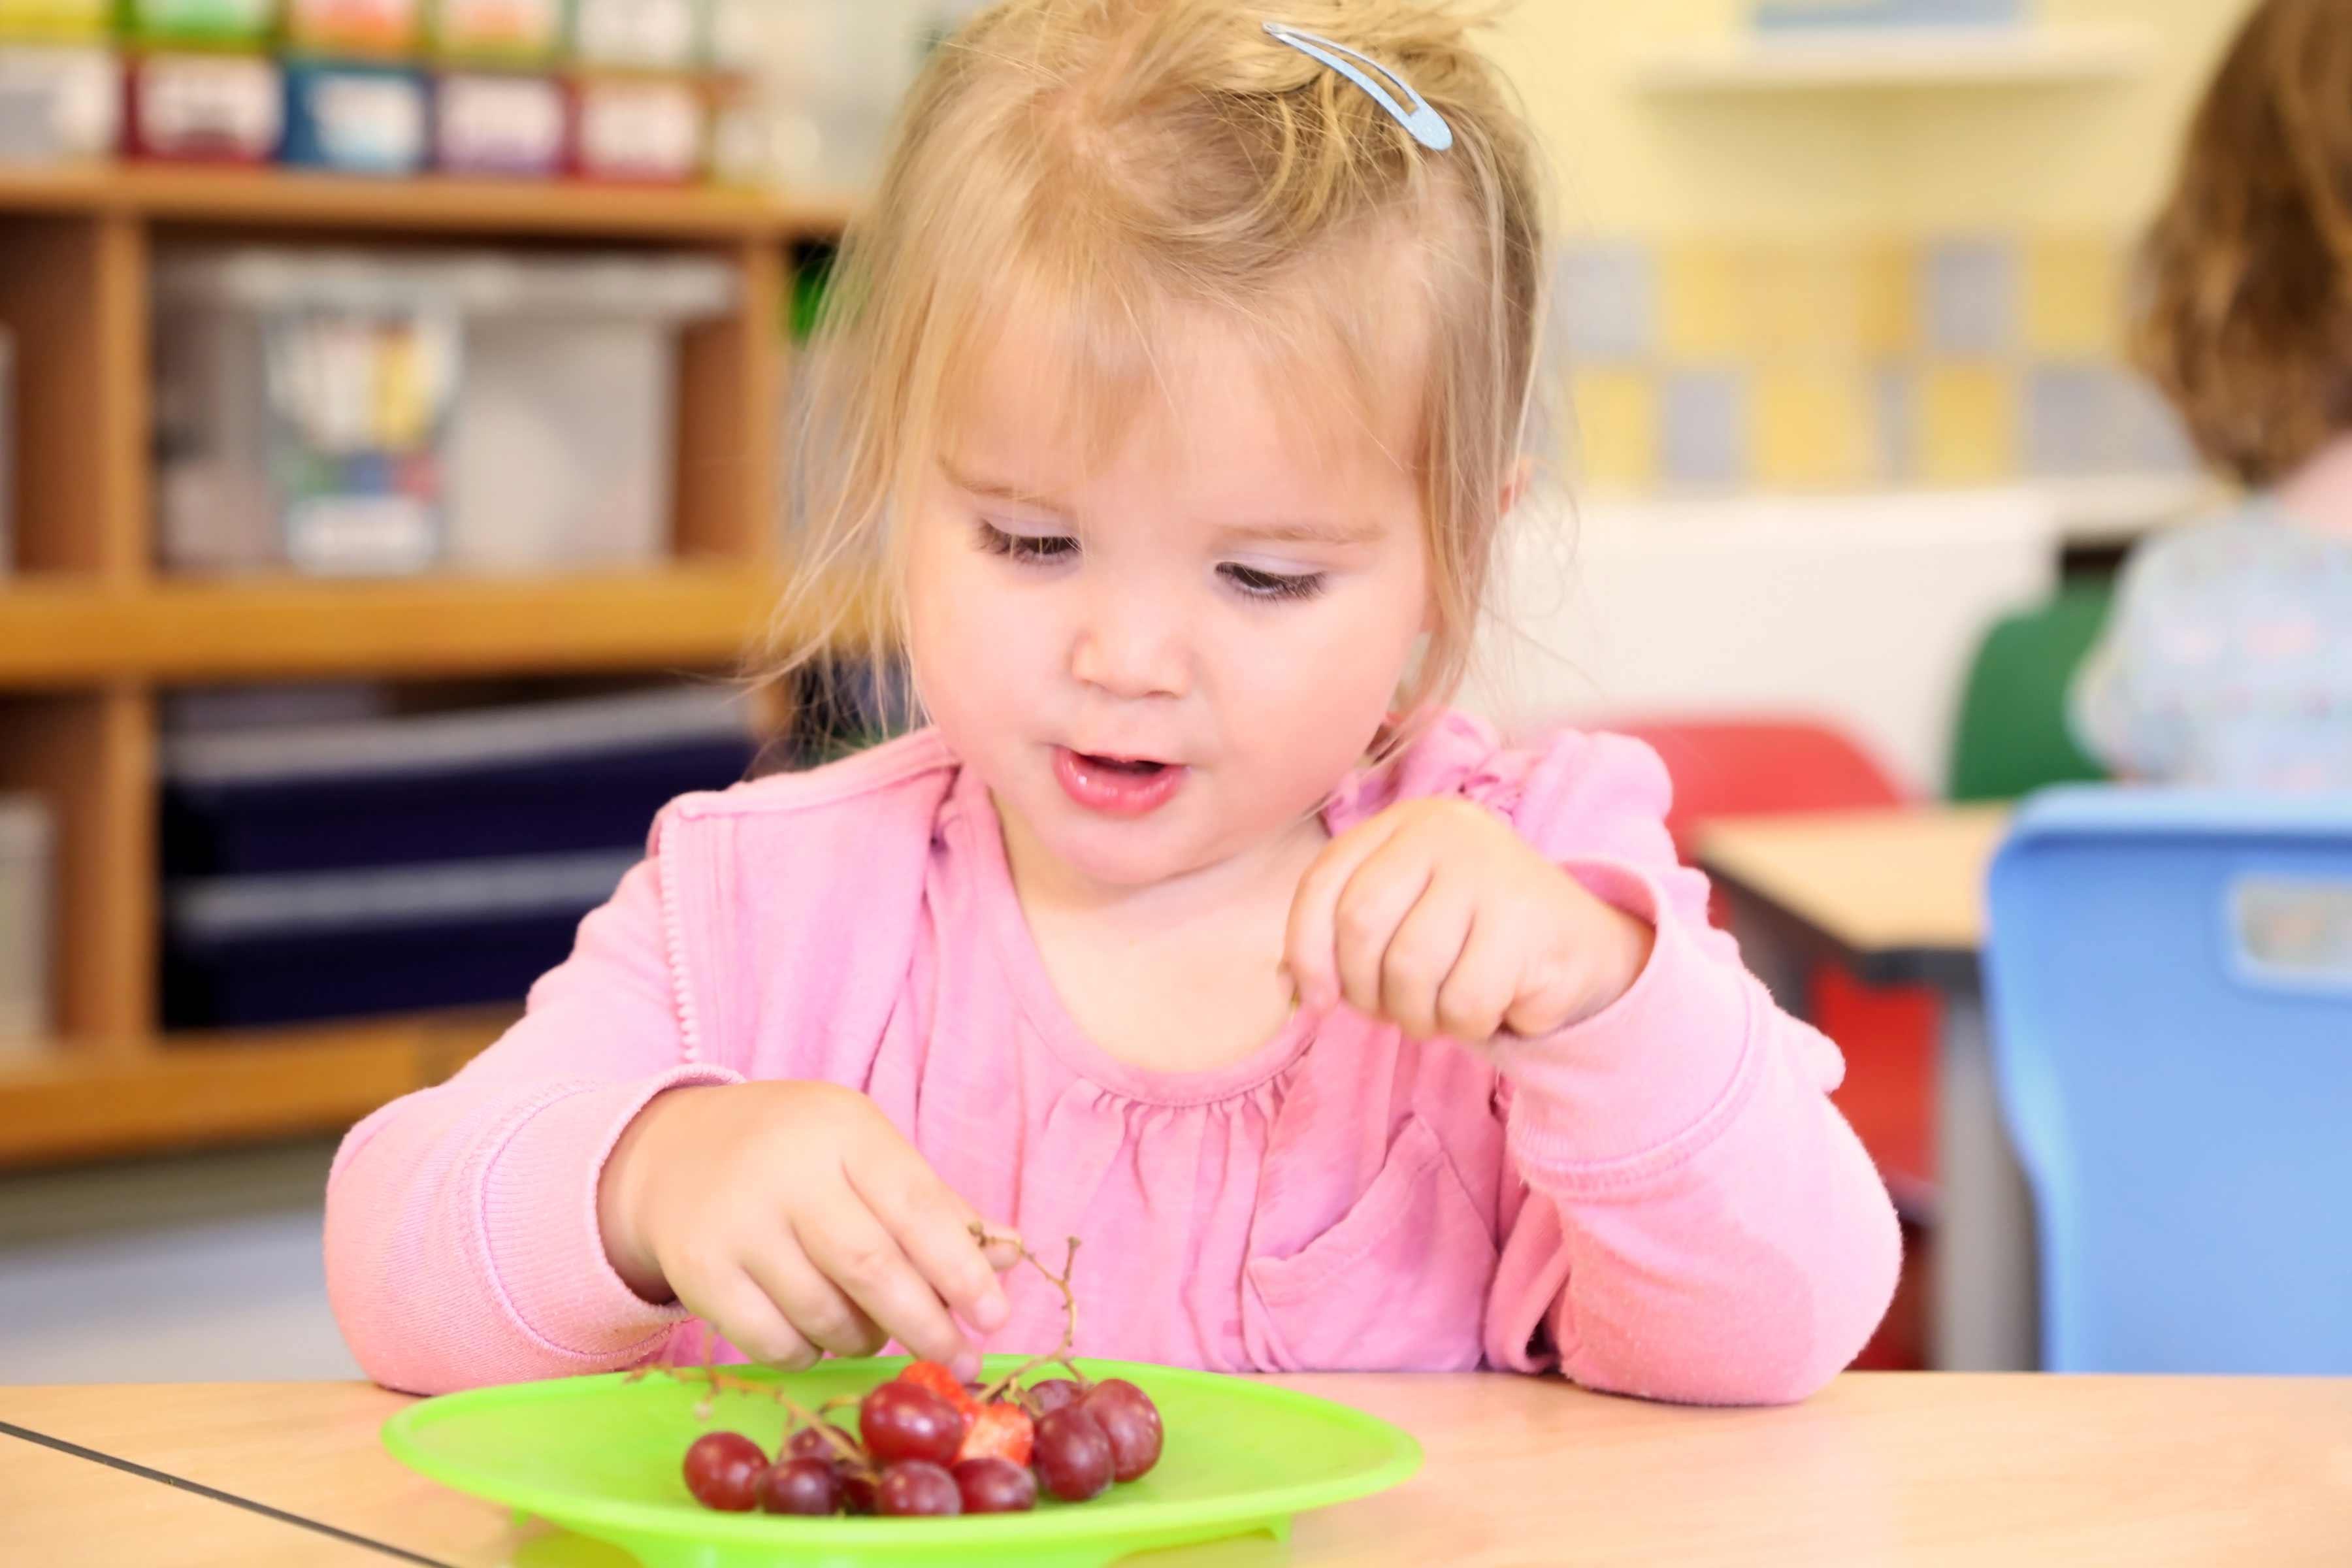 Little girl eating grapes